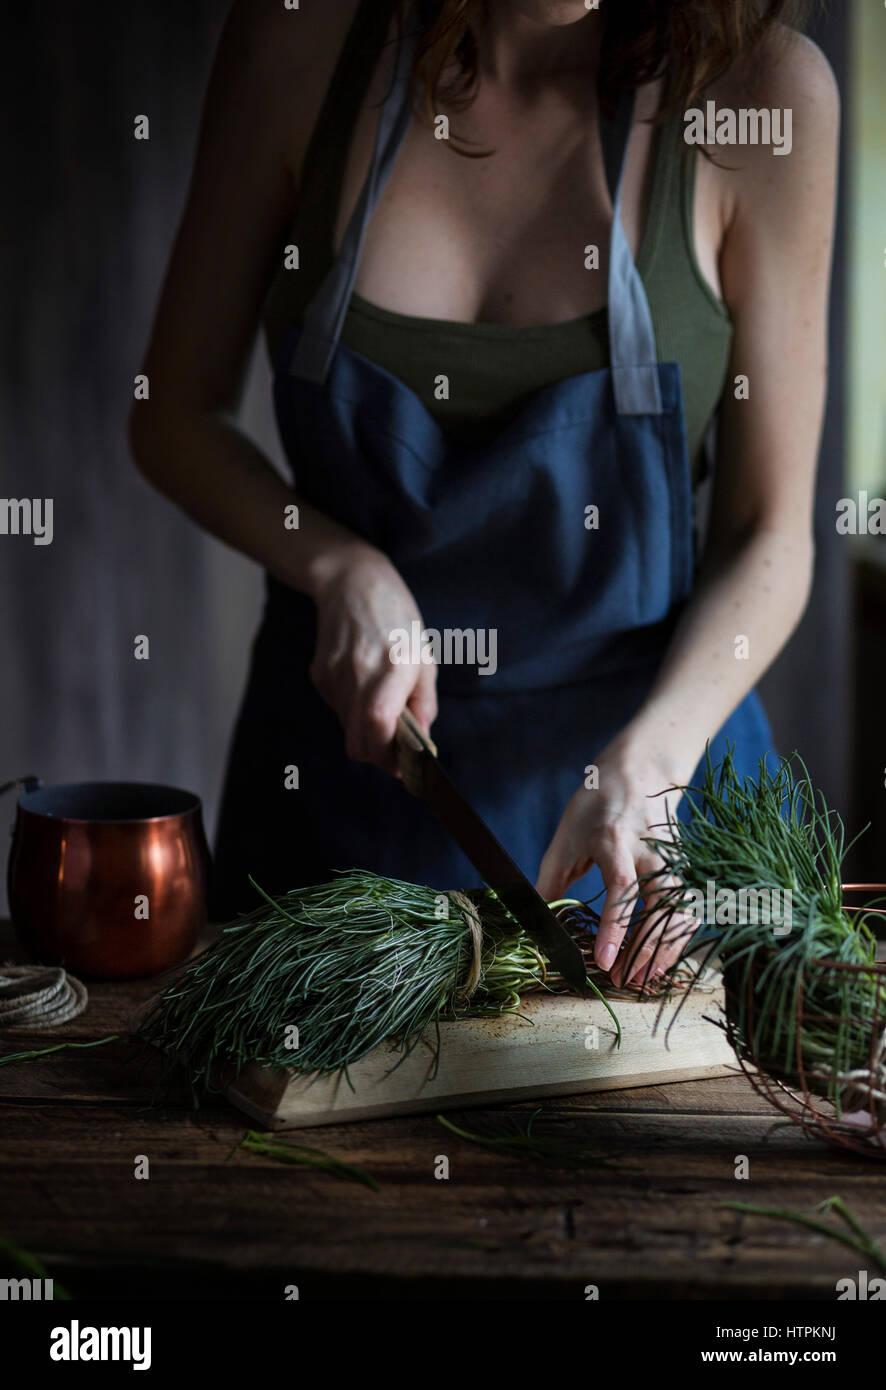 Coupe femme agretti, typiquement italienne légumes de printemps Photo Stock